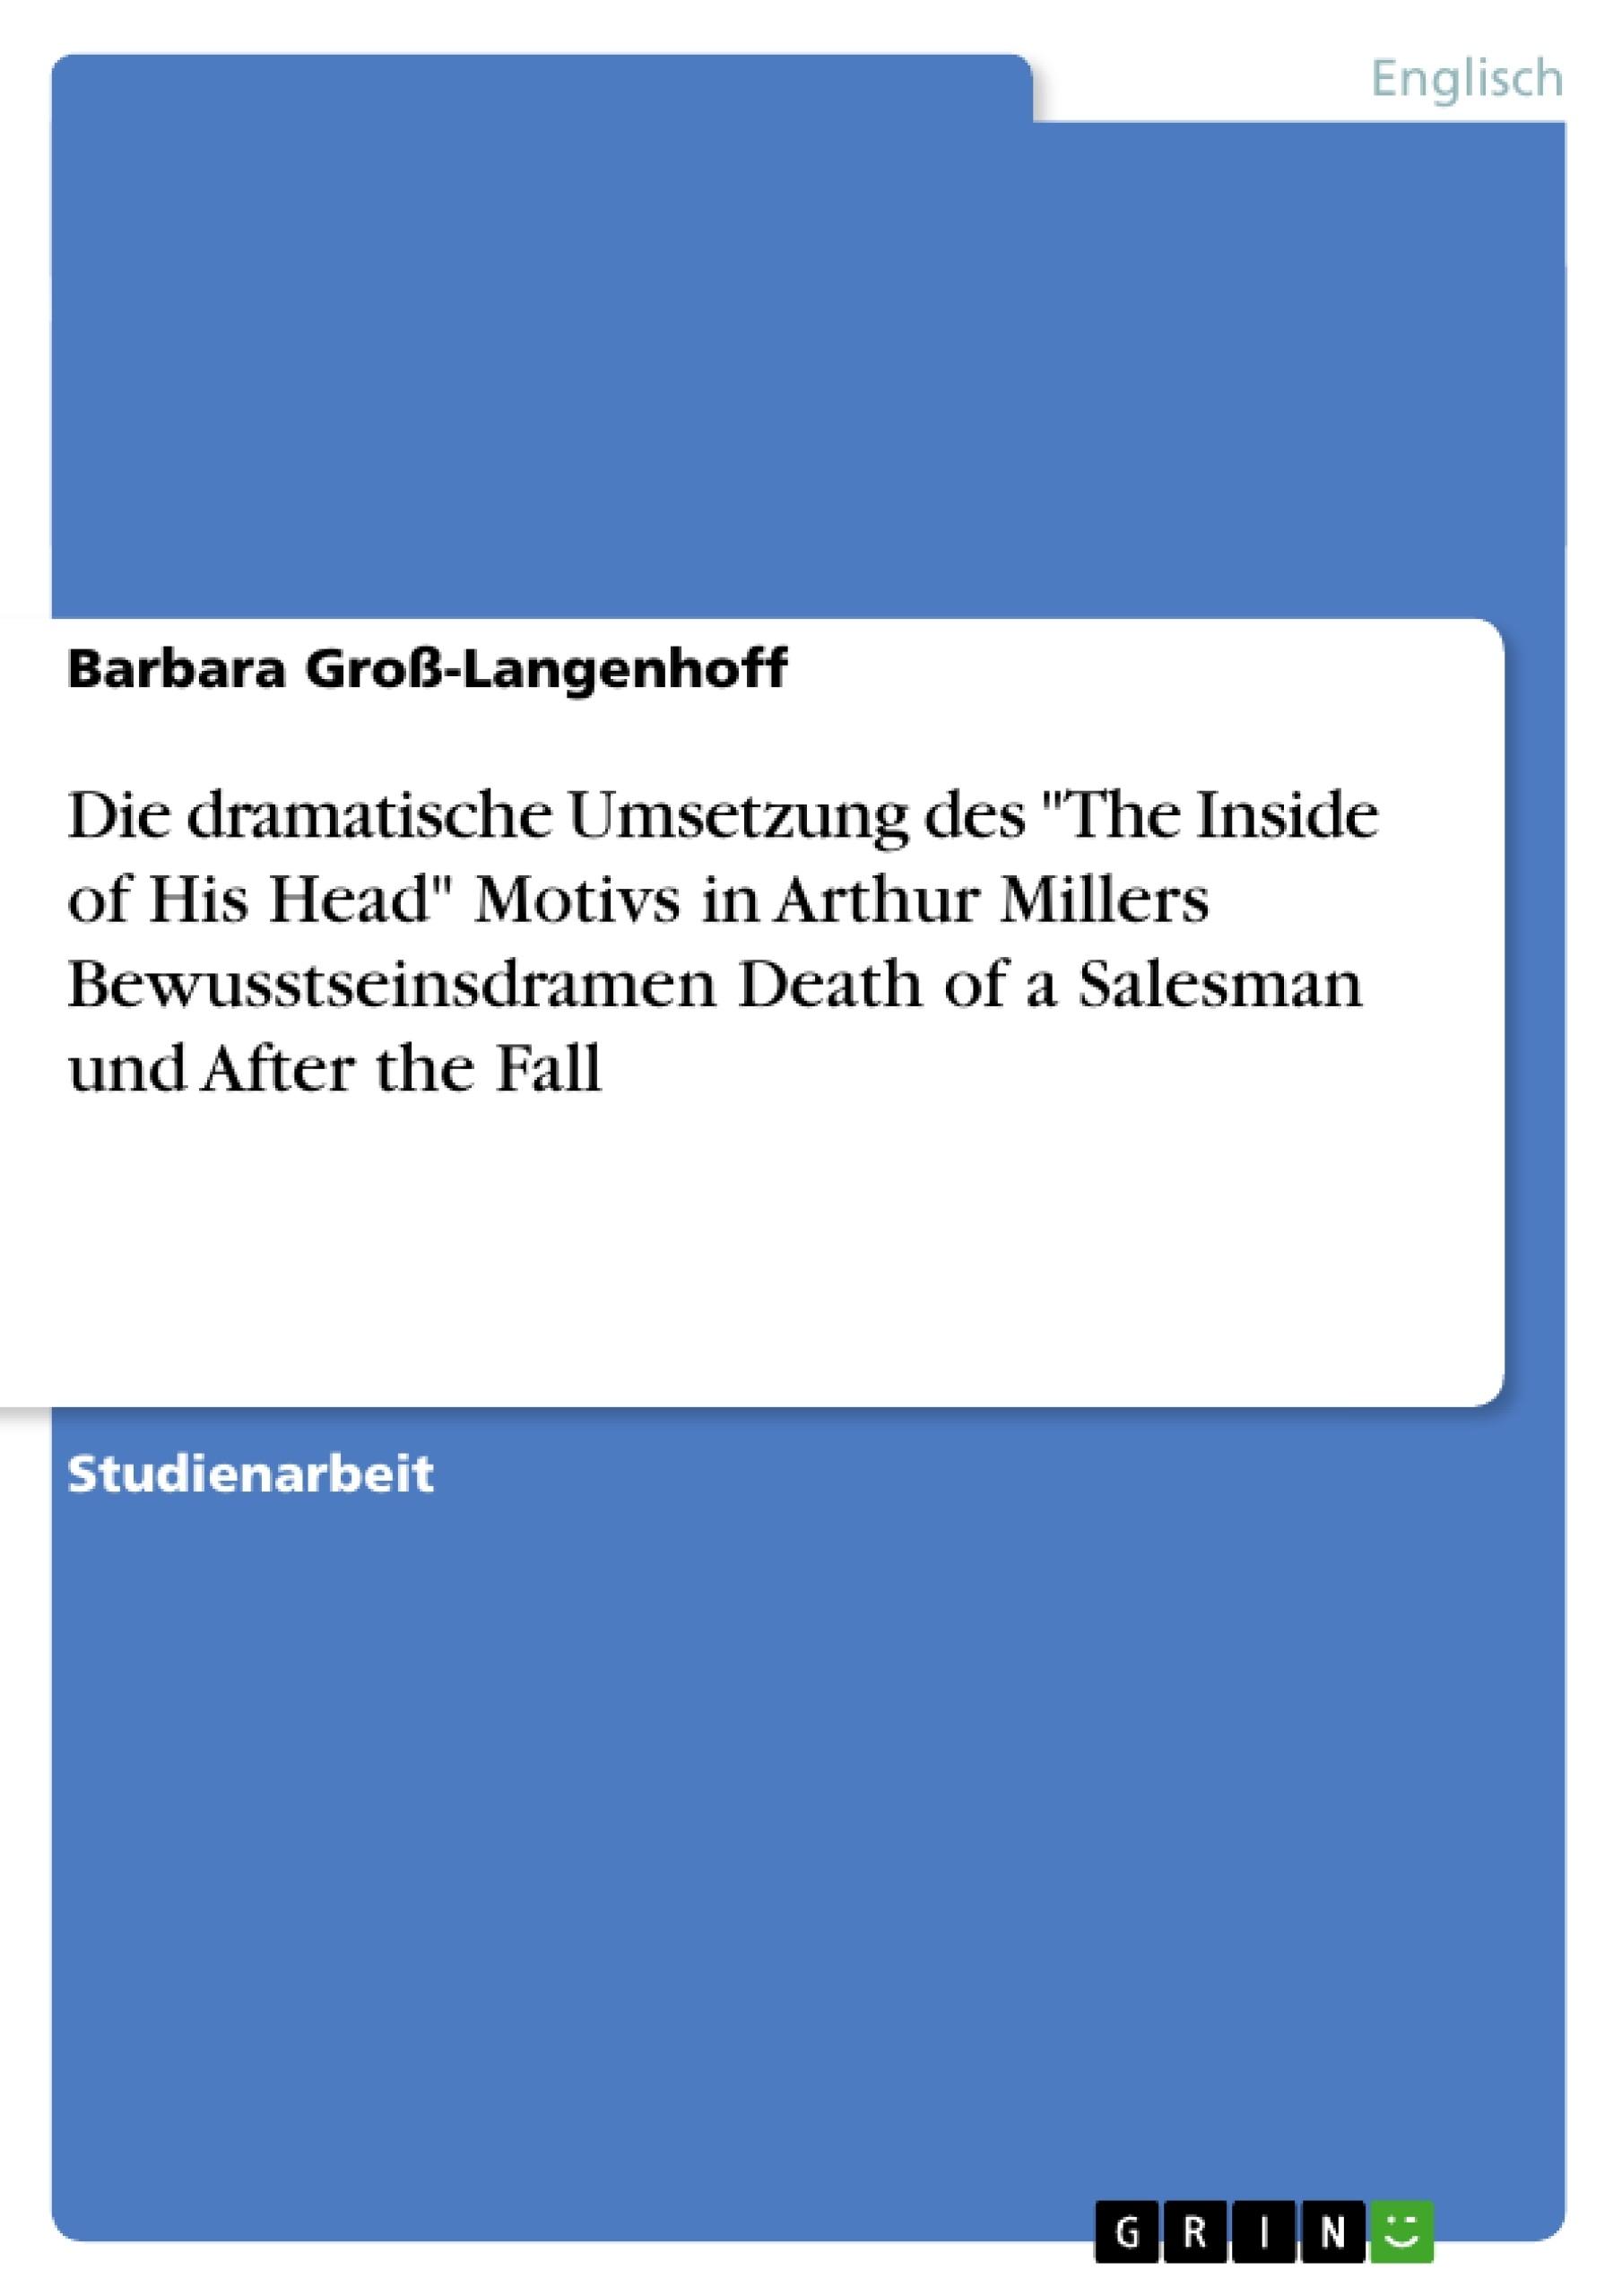 """Titel: Die dramatische Umsetzung des """"The Inside of His Head"""" Motivs in Arthur Millers Bewusstseinsdramen Death of a Salesman und After the Fall"""